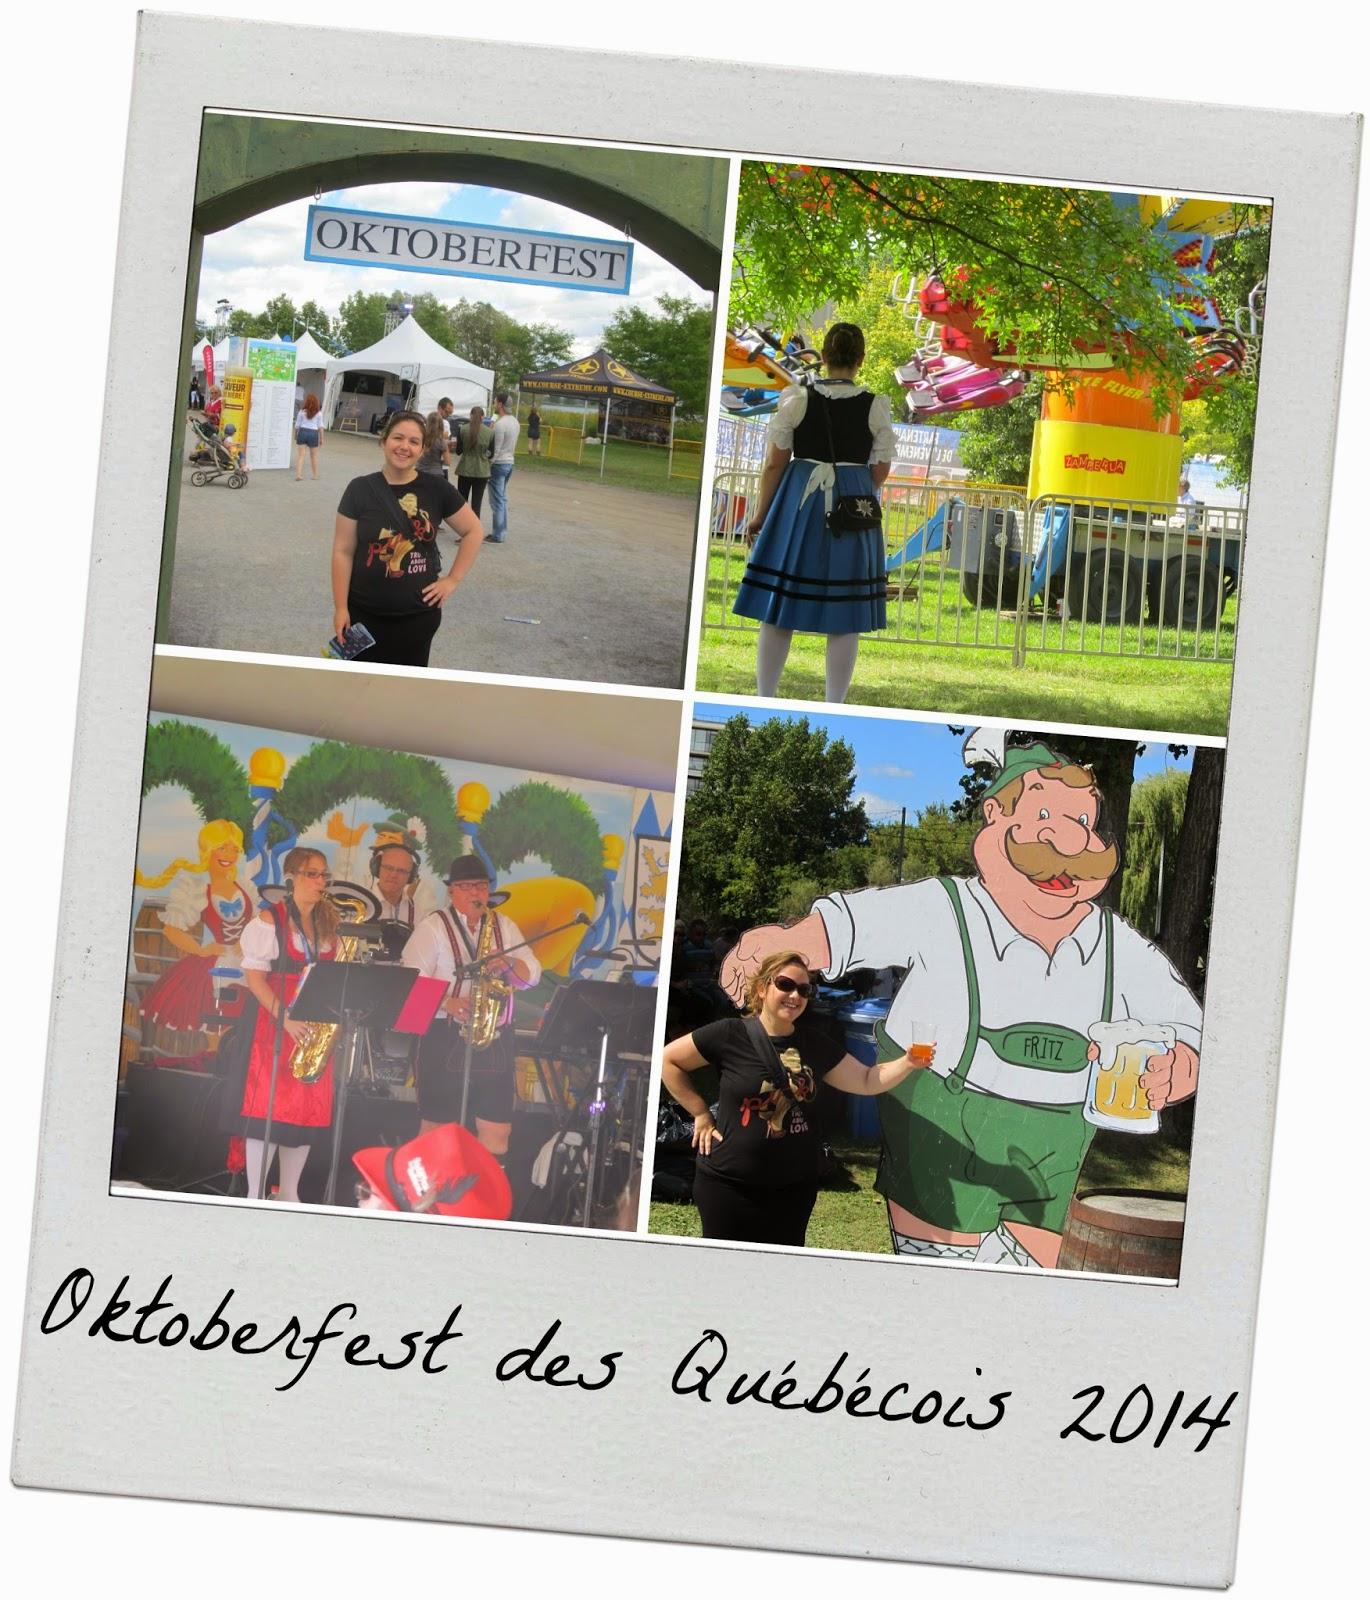 Notre journée en famille à L'Oktoberfest des Québécois